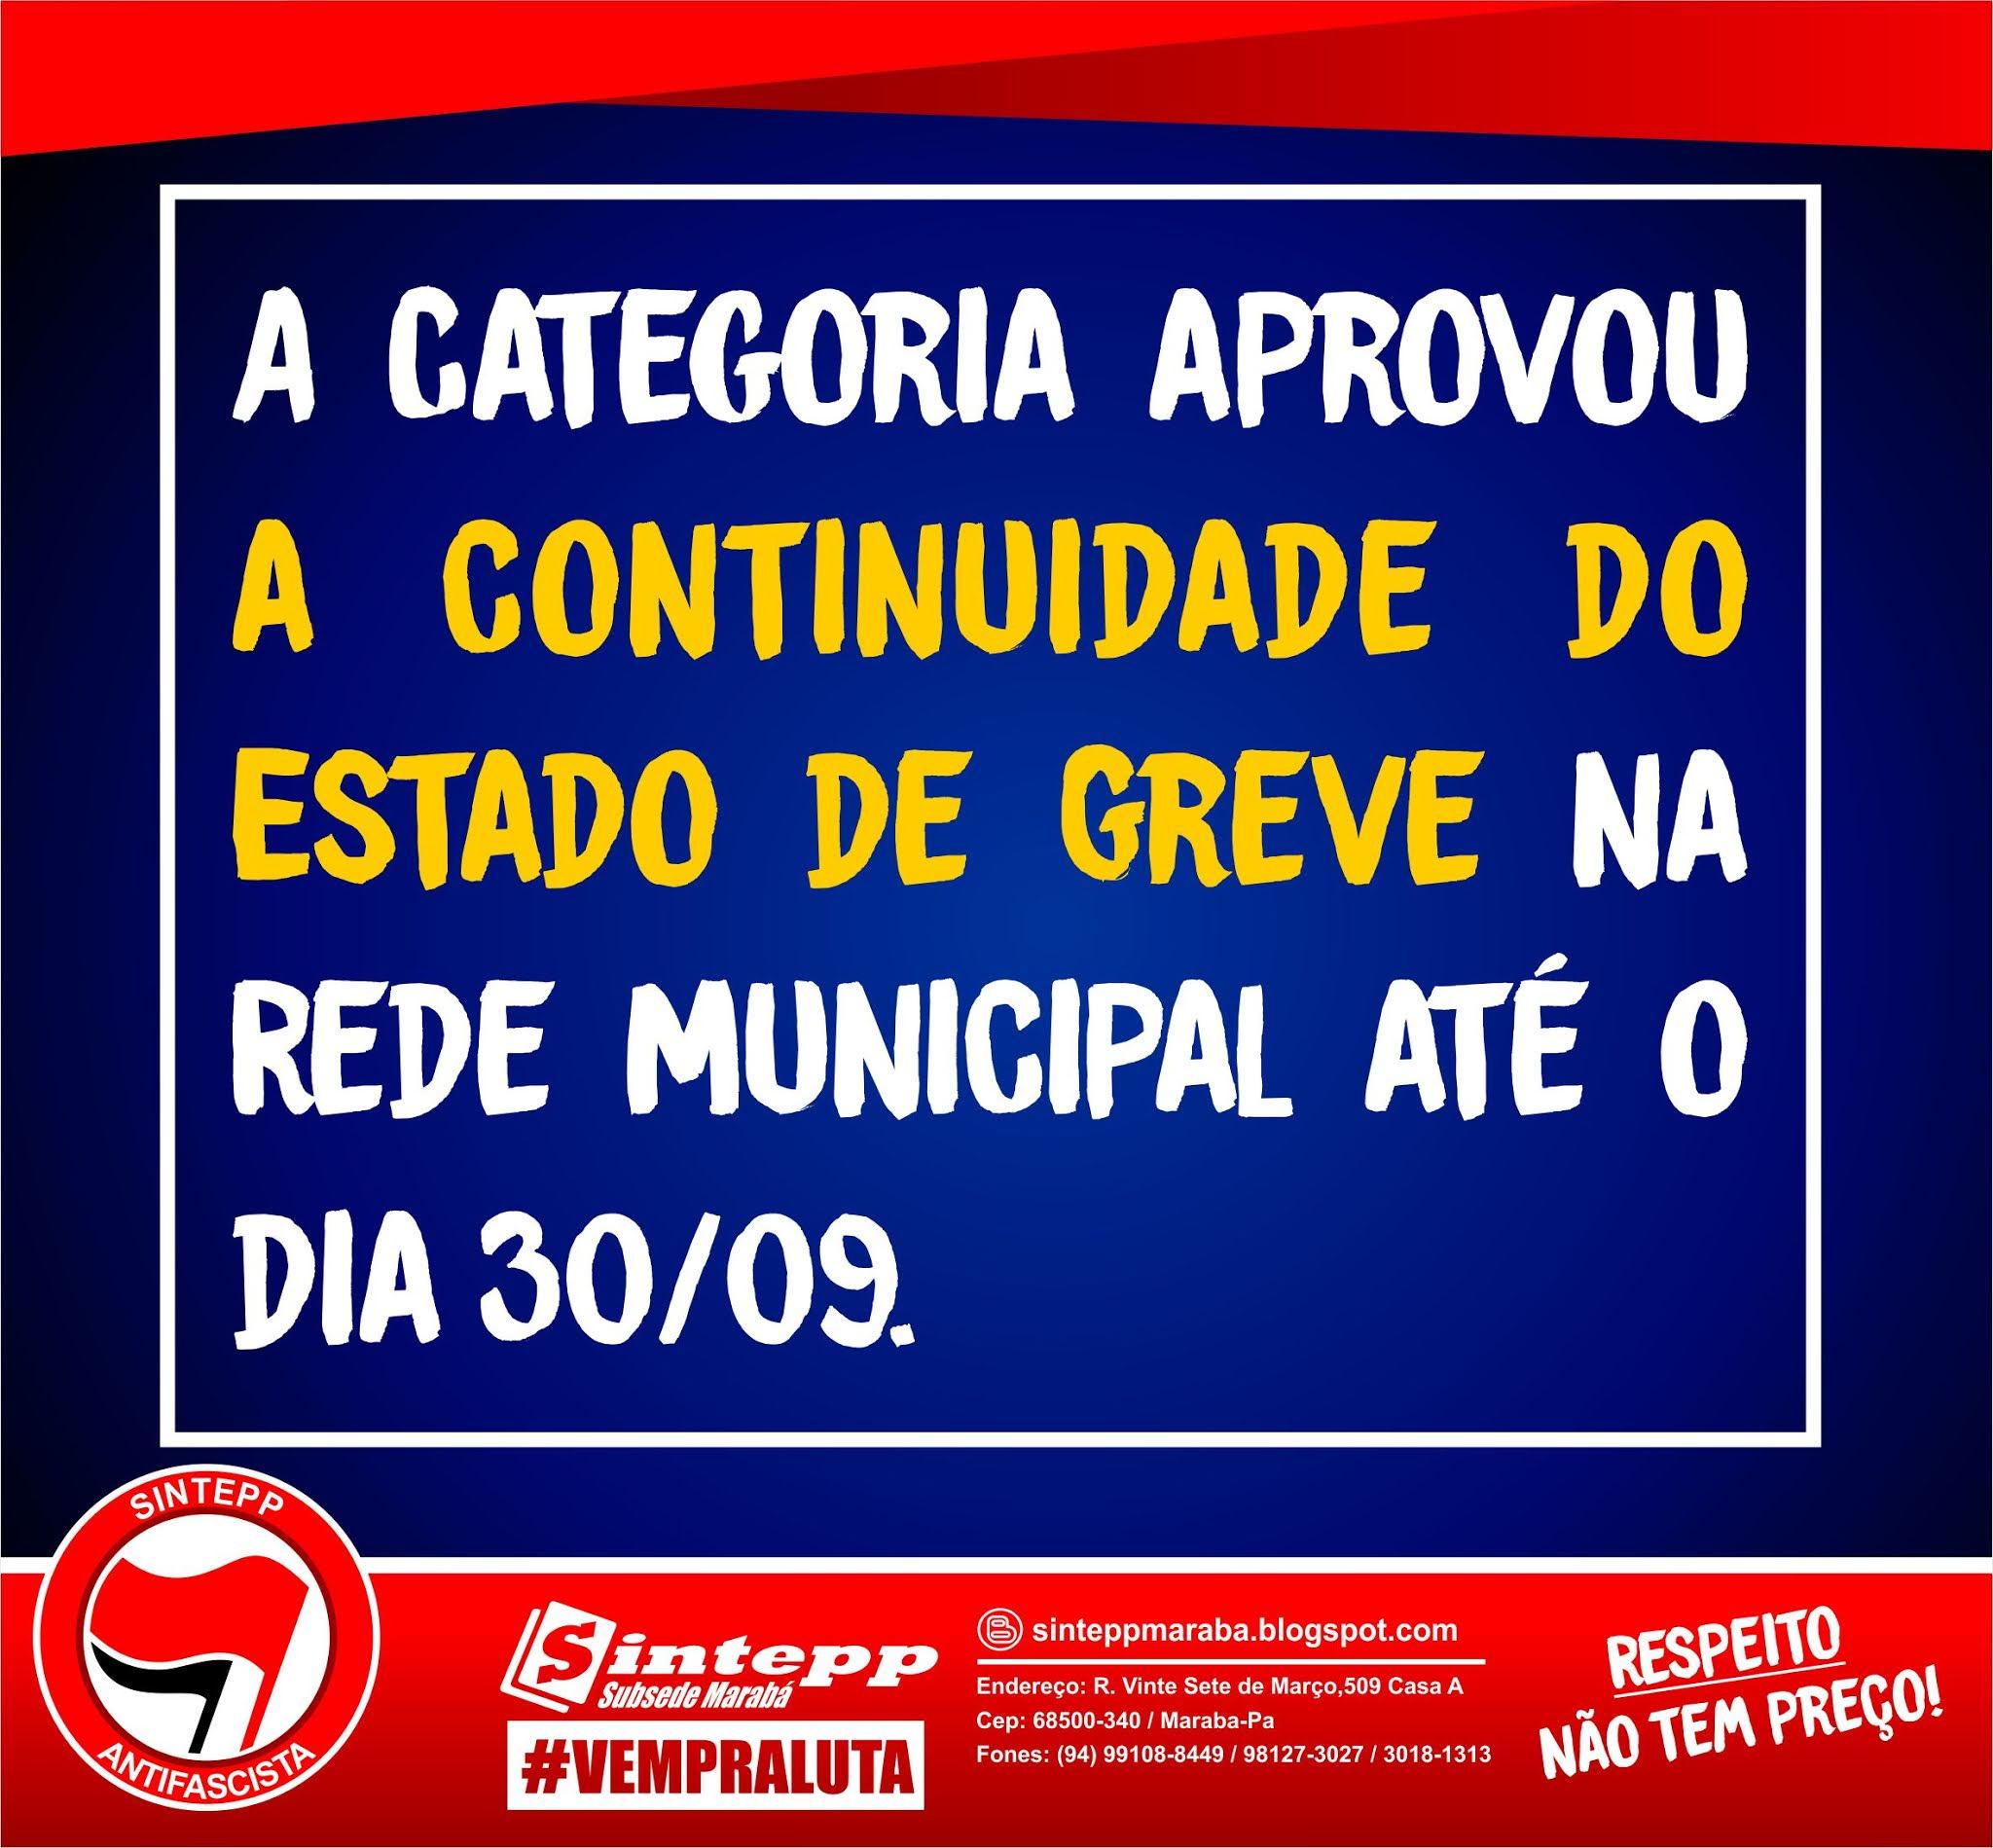 Marabá: categoria aprovou continuidade do Estado de Greve até 30.09